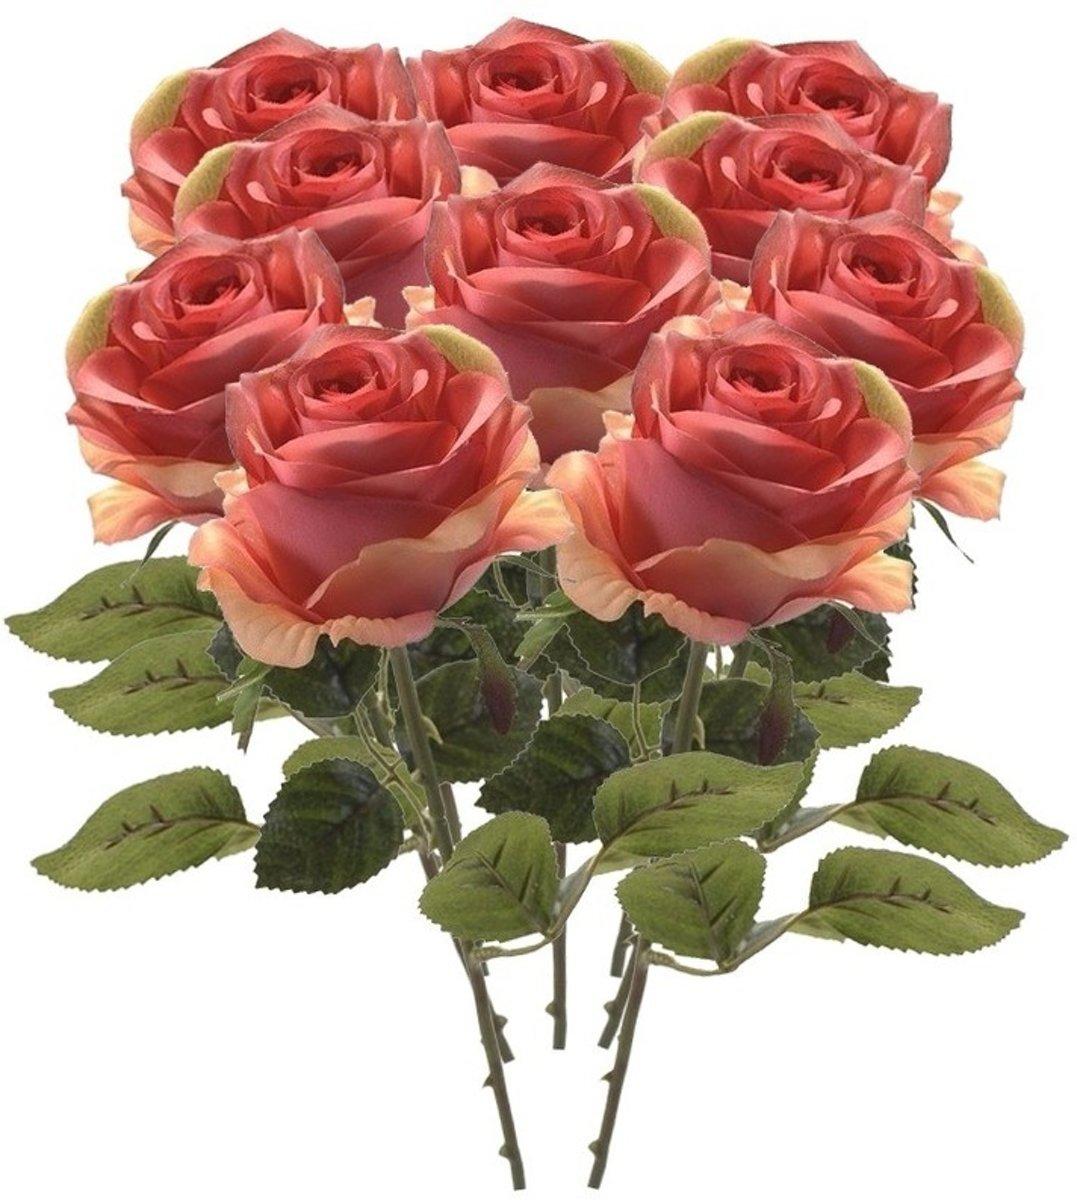 10x Rose Roos steelbloem 45 cm - Kunstbloemen kopen